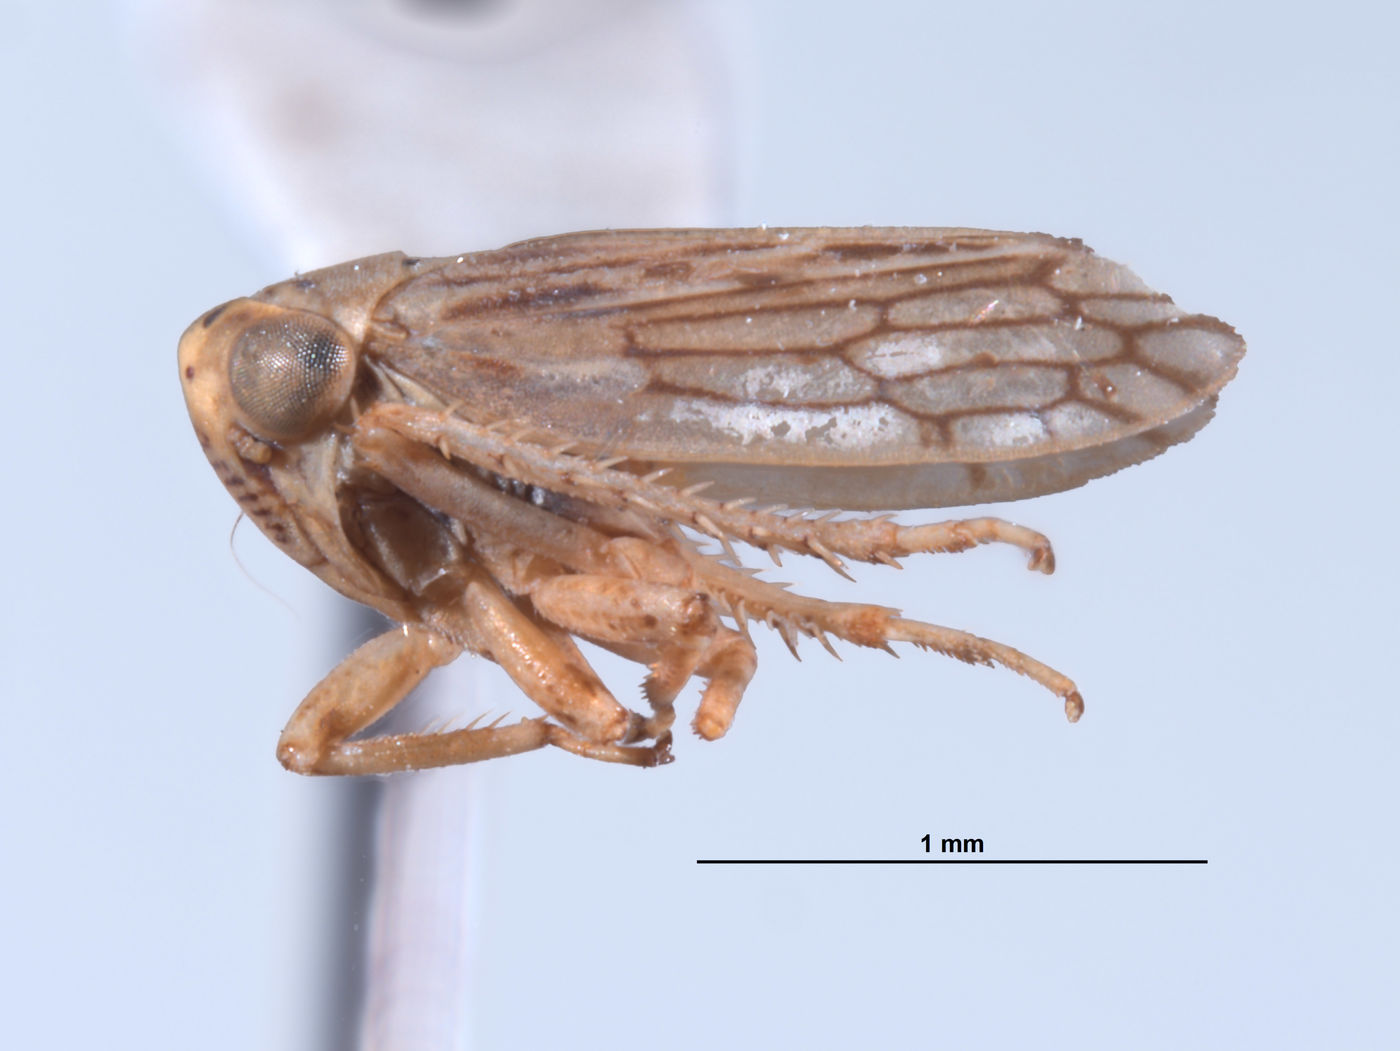 Ceratagallia image